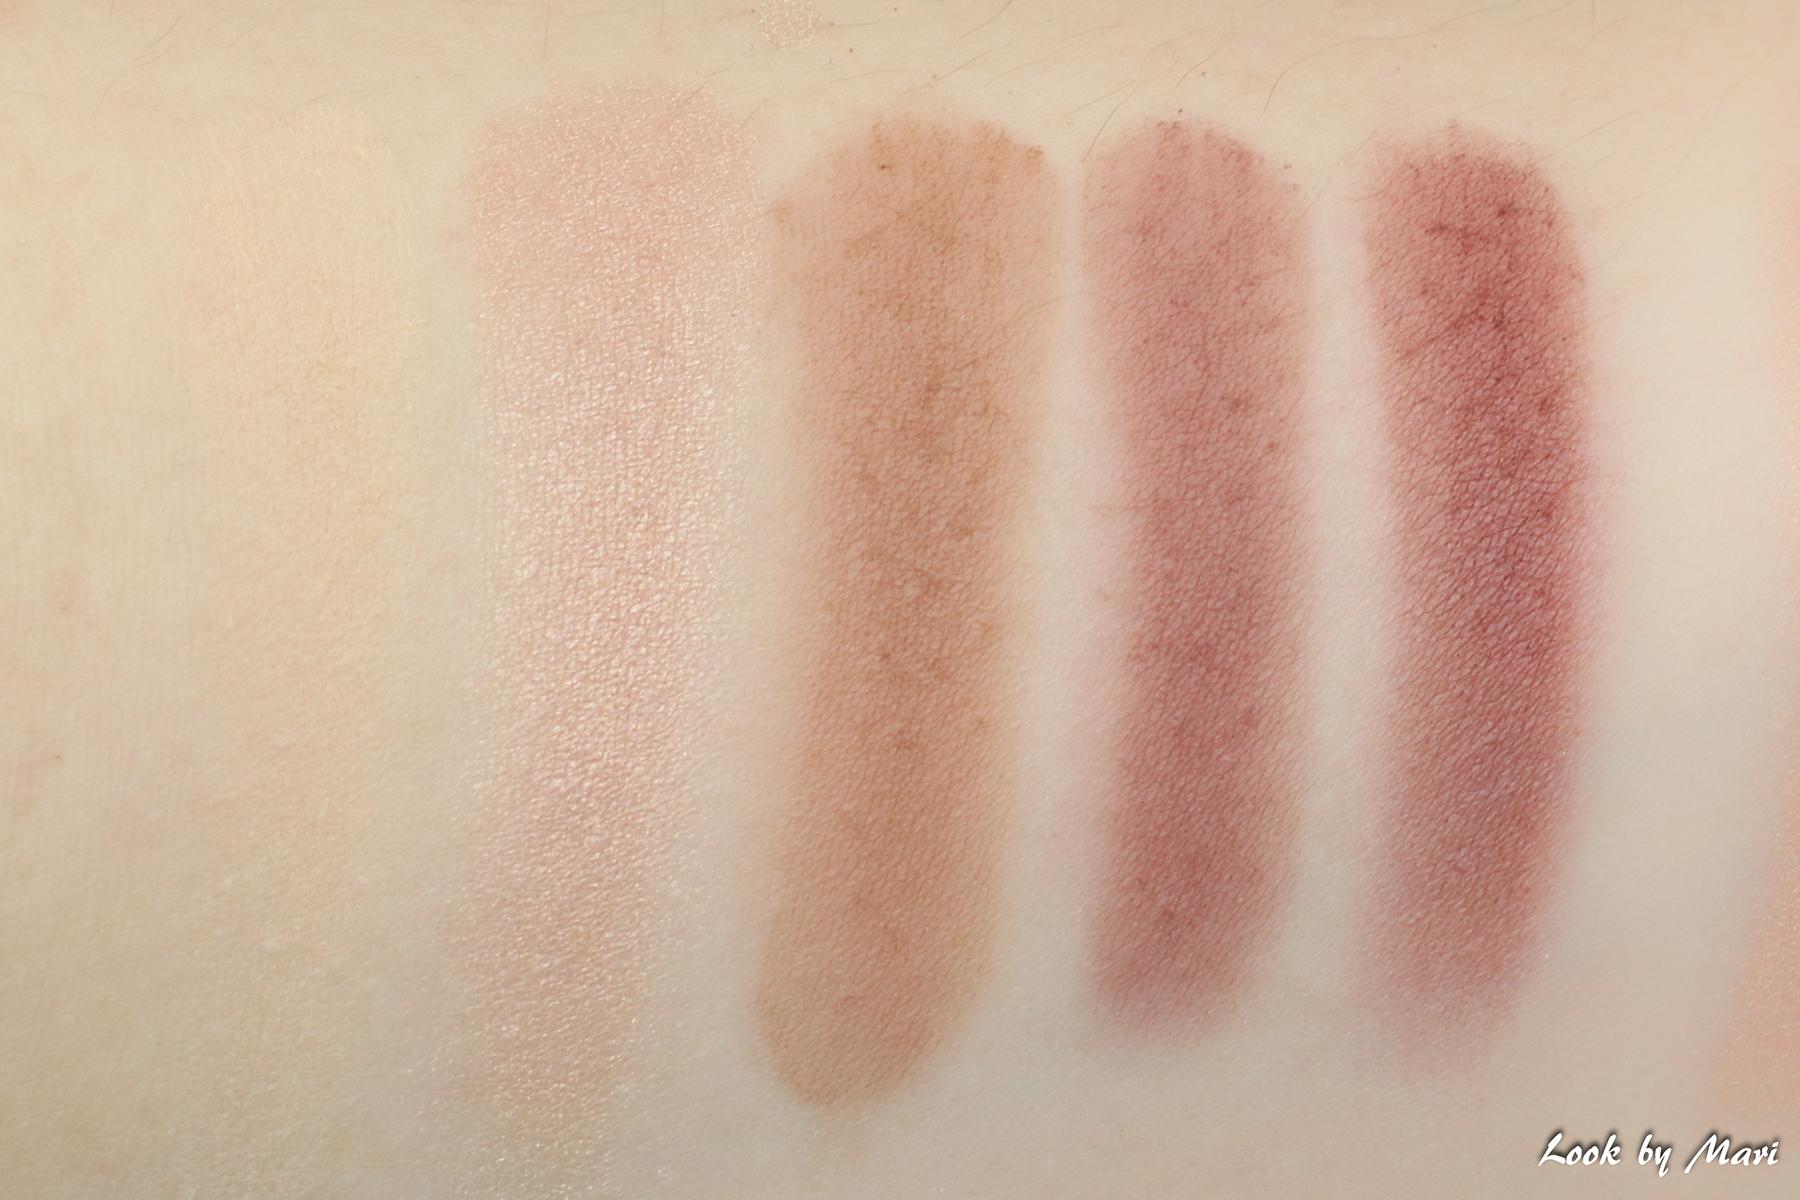 11 bh cosmetics carli bybel luomiväri paletti sävyt värit kädellä kokemuksia